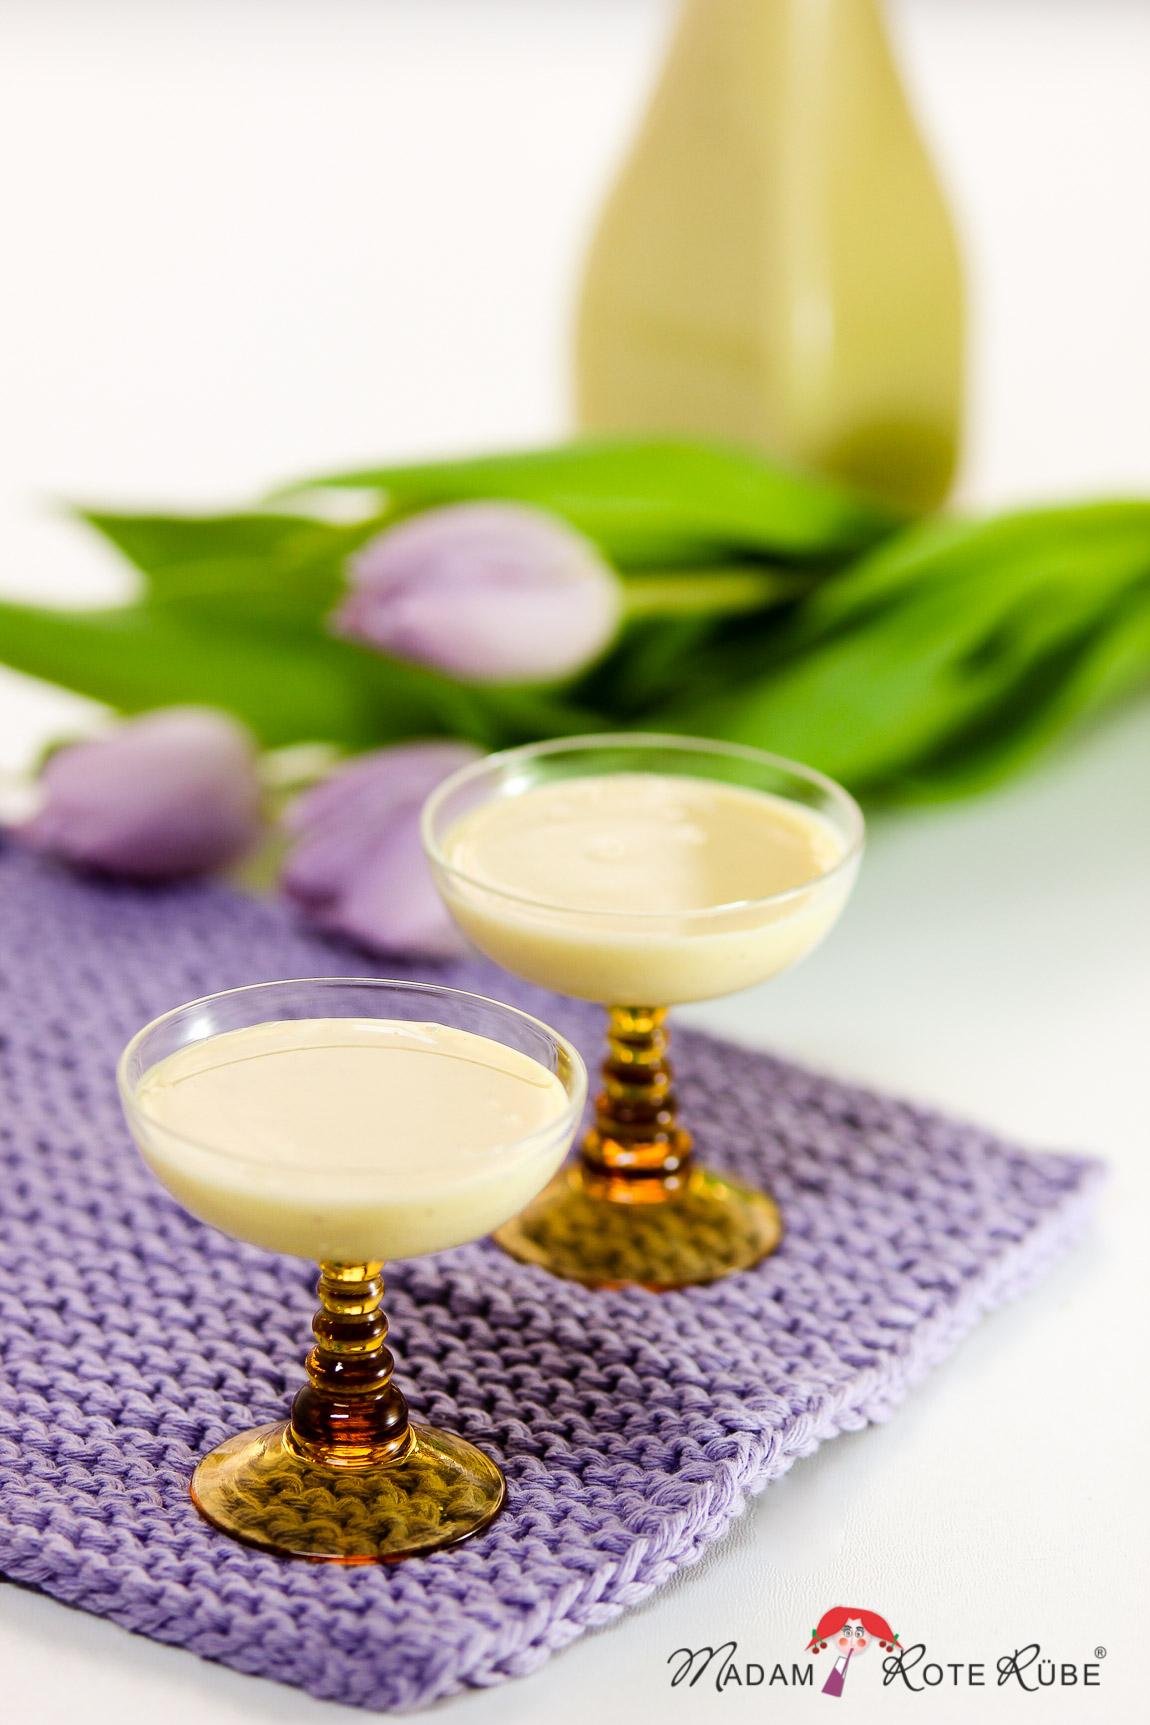 Madam Rote Rübe - Eierlikör mit Honig, das süffige Kultgetränk zur Osterzeit